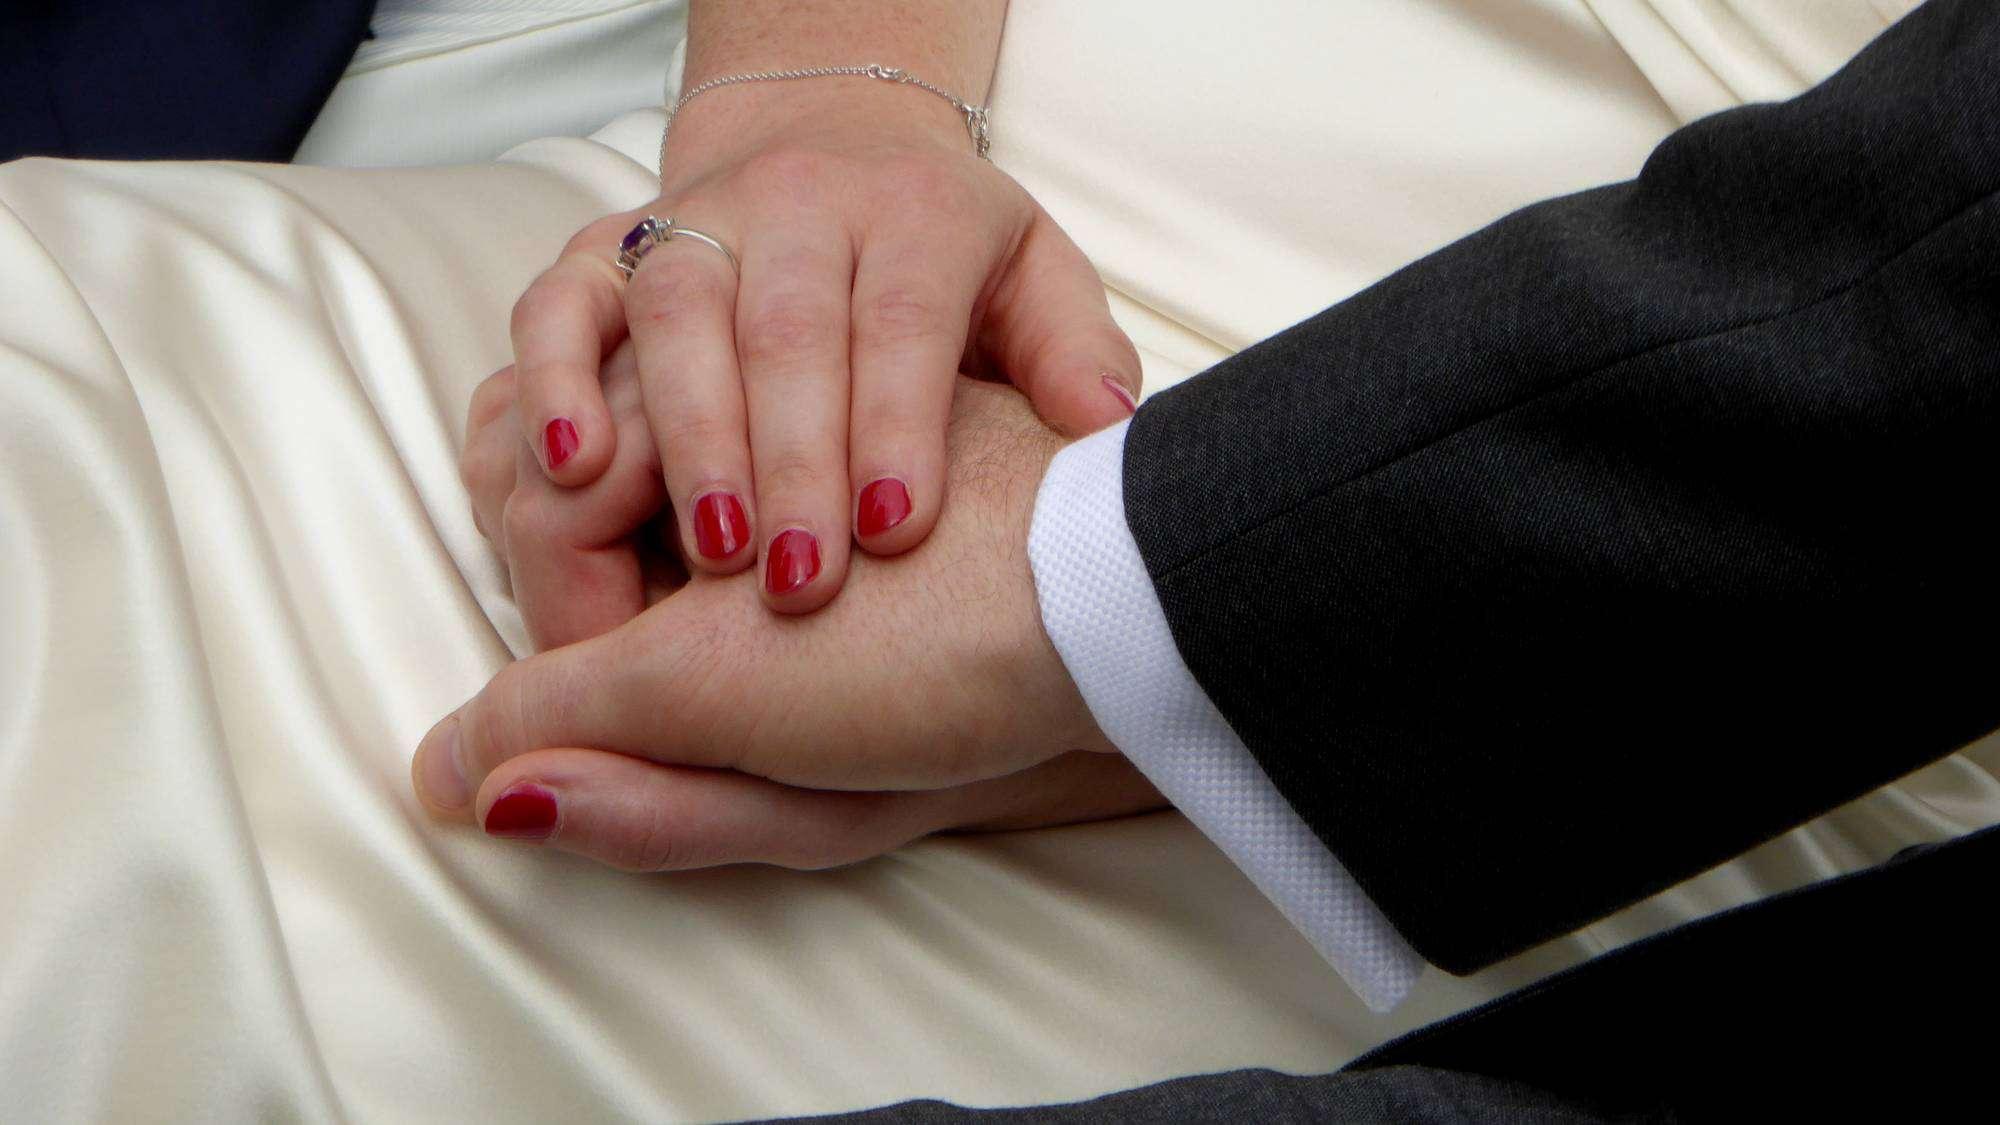 Eheleute zeigen mit ihren Haenden ihre Liebe